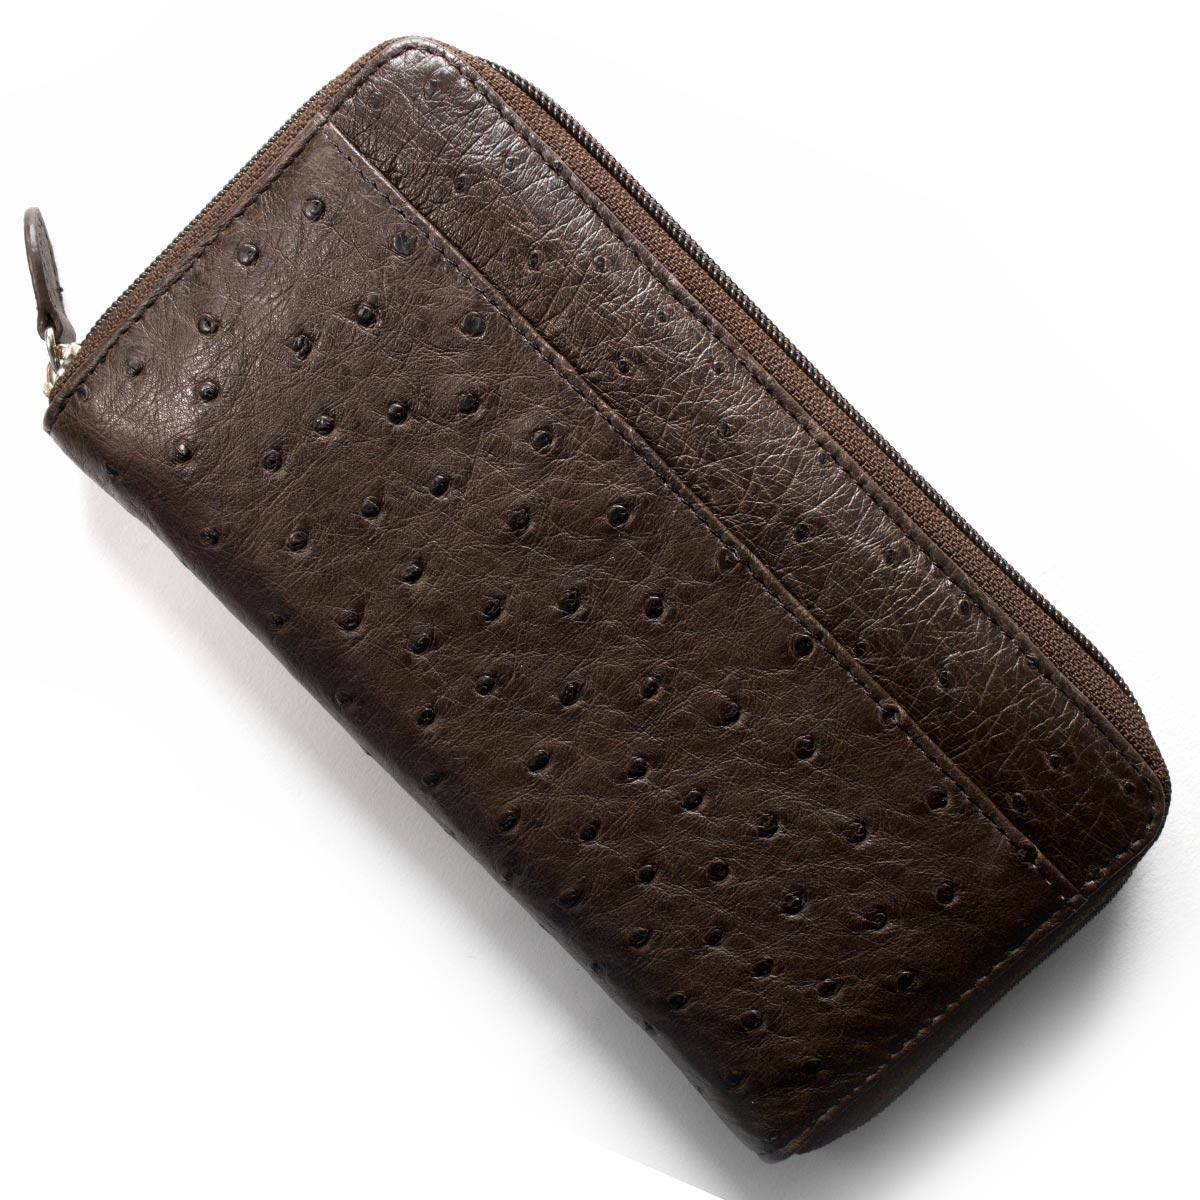 本革 長財布 財布 メンズ レディース オーストリッチ OSTRICH ニコチンブラウン OKN1824H NE Leather